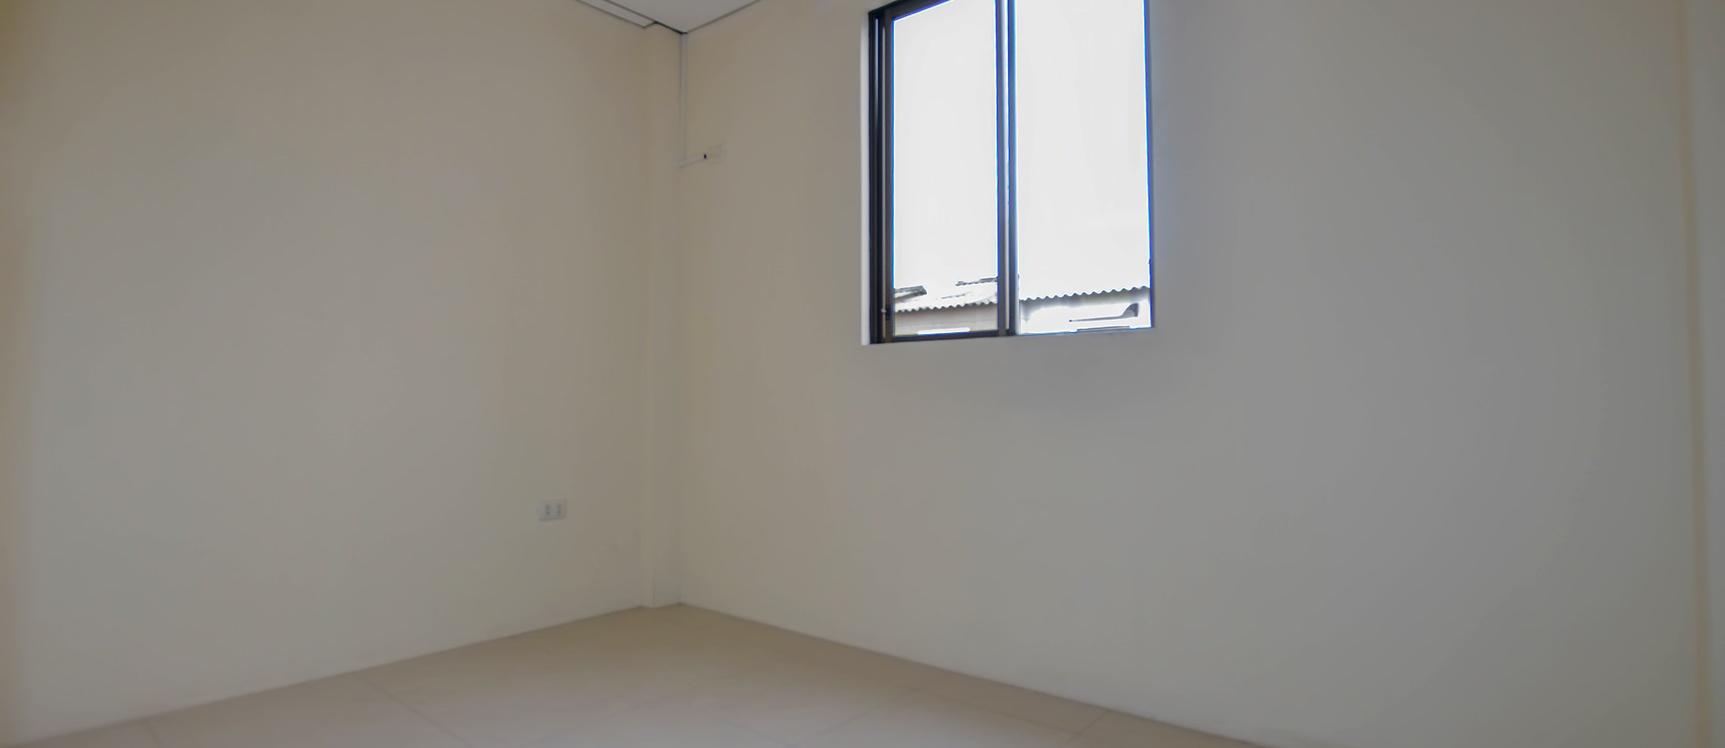 GeoBienes - Casa en venta en urbanización La Joya sector Vía a Daule - Plusvalia Guayaquil Casas de venta y alquiler Inmobiliaria Ecuador